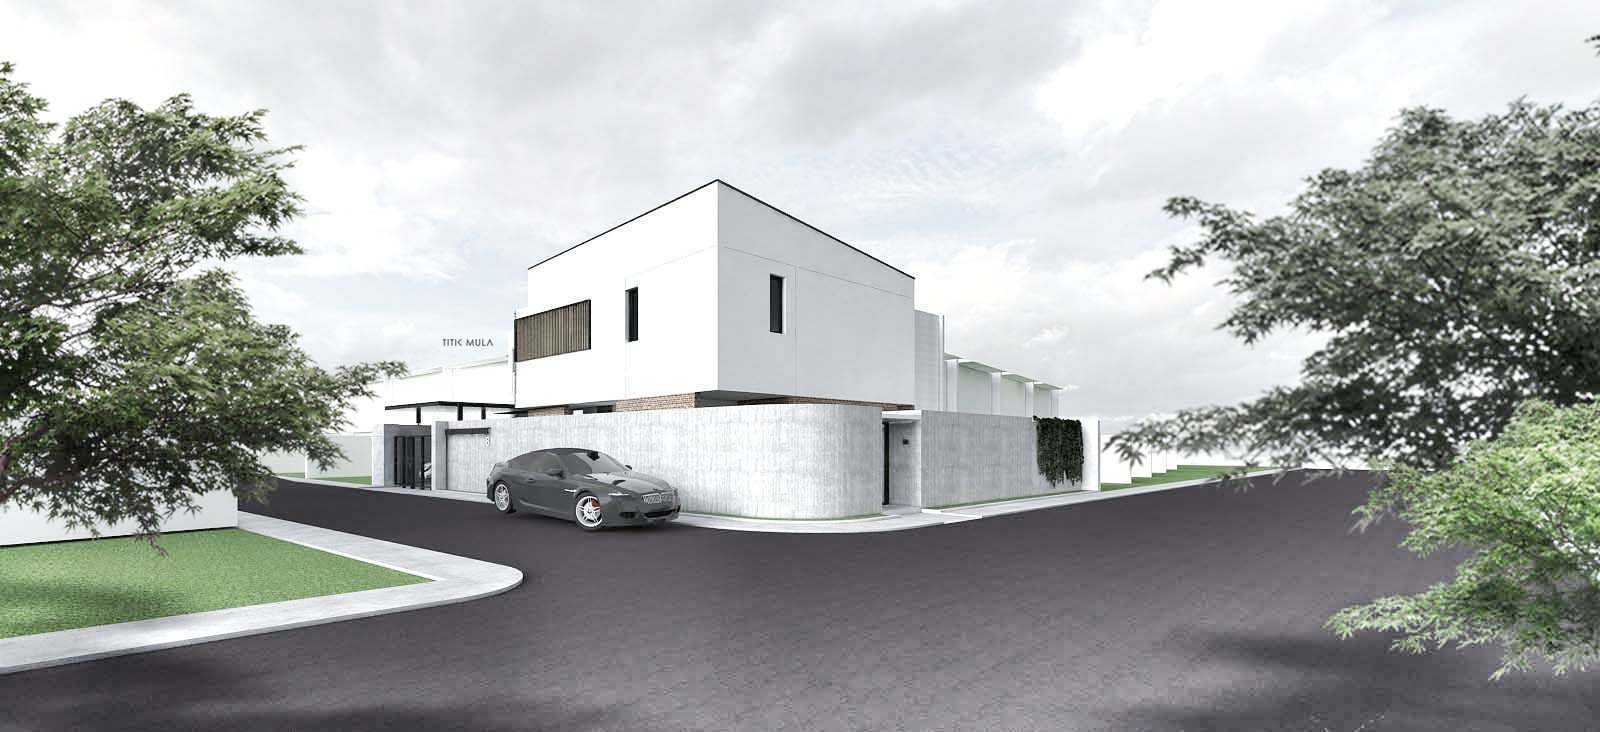 Titik Mula Architects P House Cirebon, Kota Cirebon, Jawa Barat, Indonesia Cirebon, Kota Cirebon, Jawa Barat, Indonesia Titik-Mula-Architects-P-House   96296